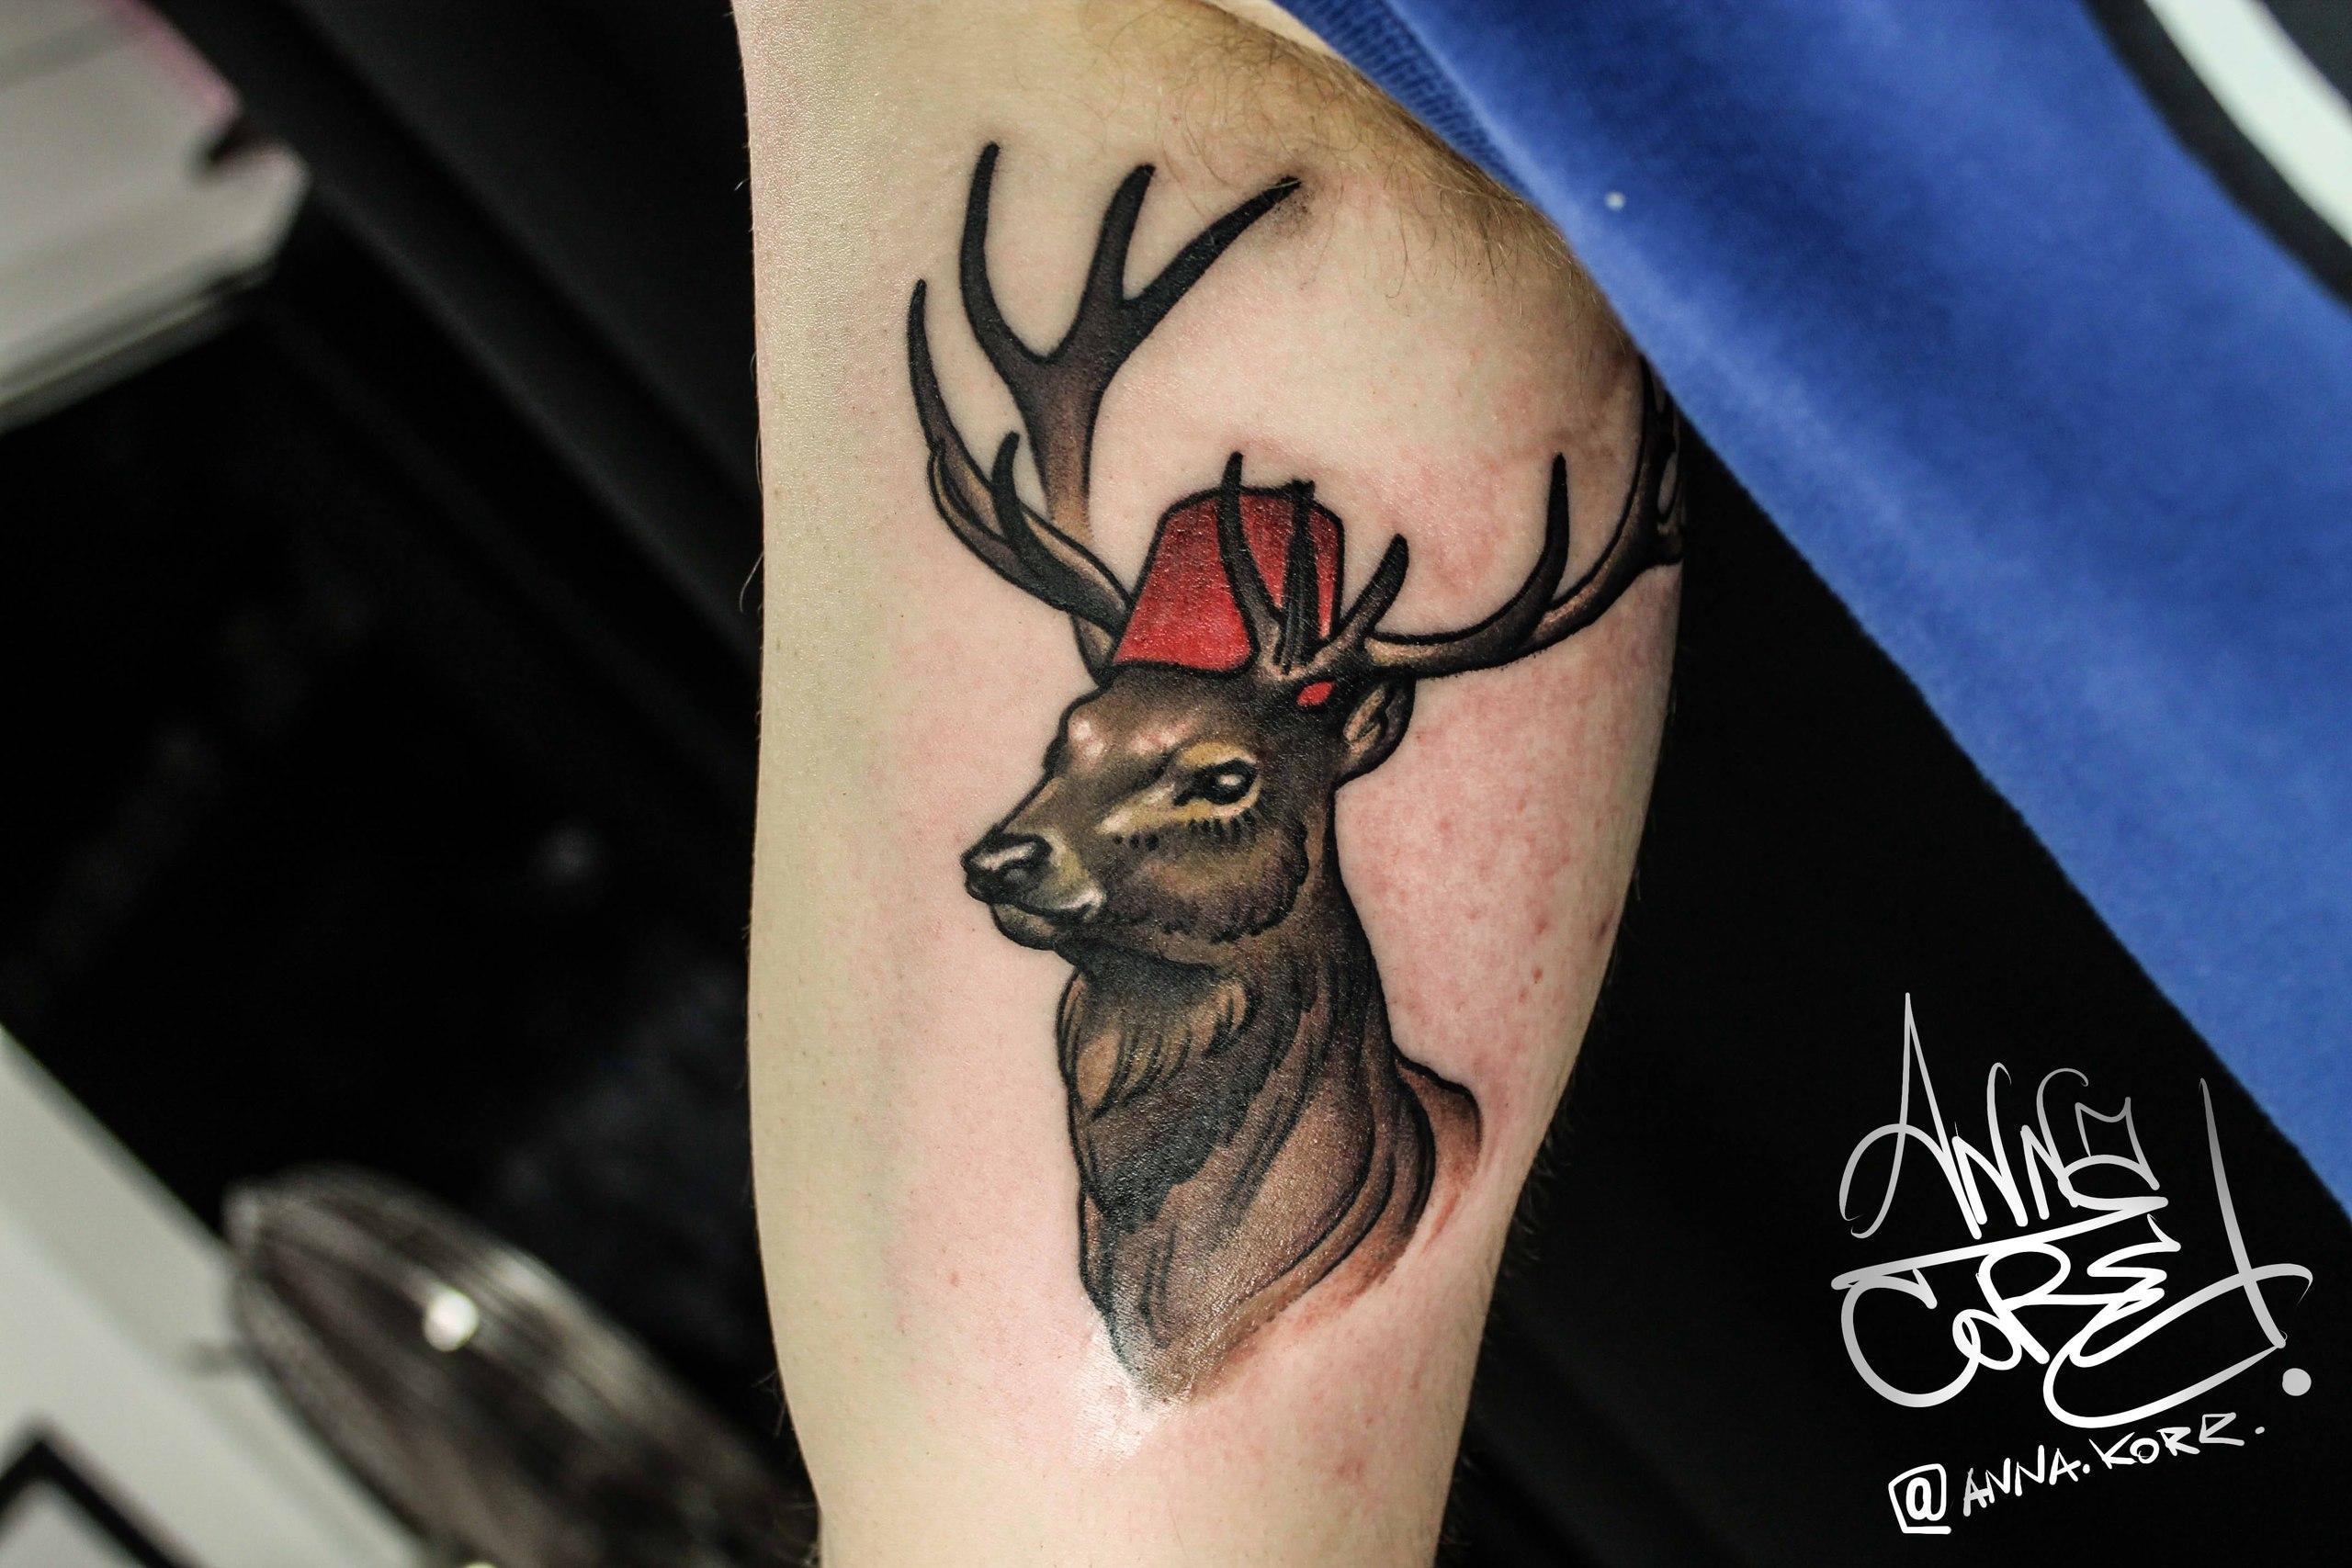 Художественная татуировка «Олень». Мастер Анна Корь.